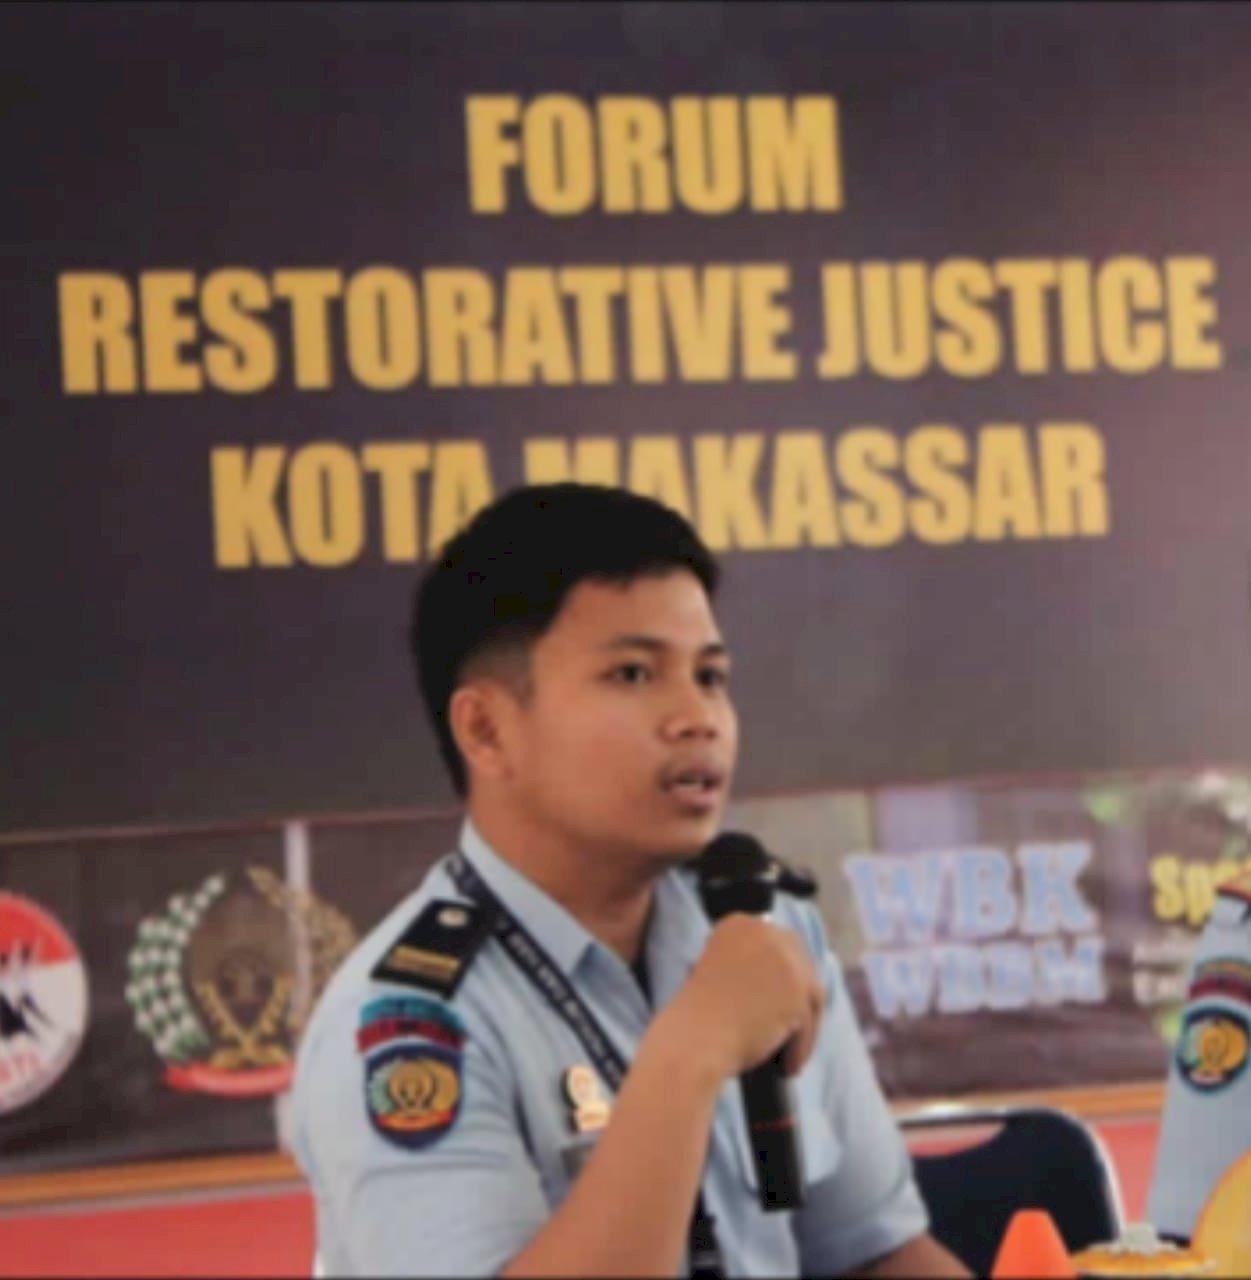 Pemerintah Daerah dalam Narasi Keadilan Restoratif